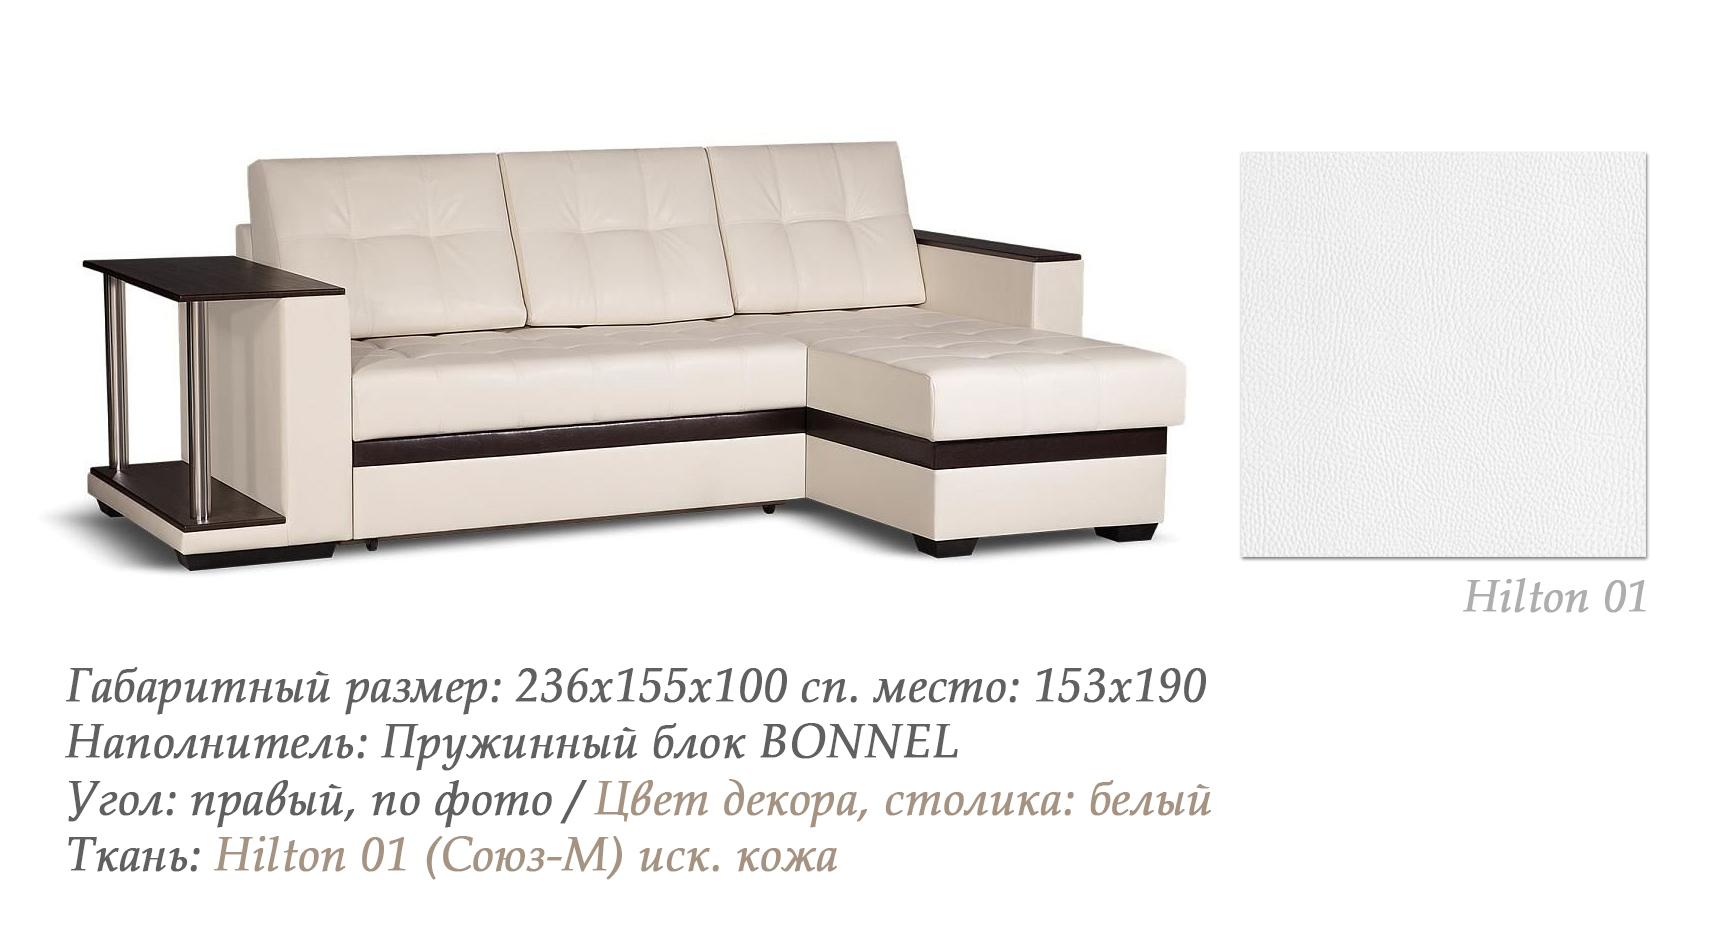 Угловой диван Адамс со столиком-м264